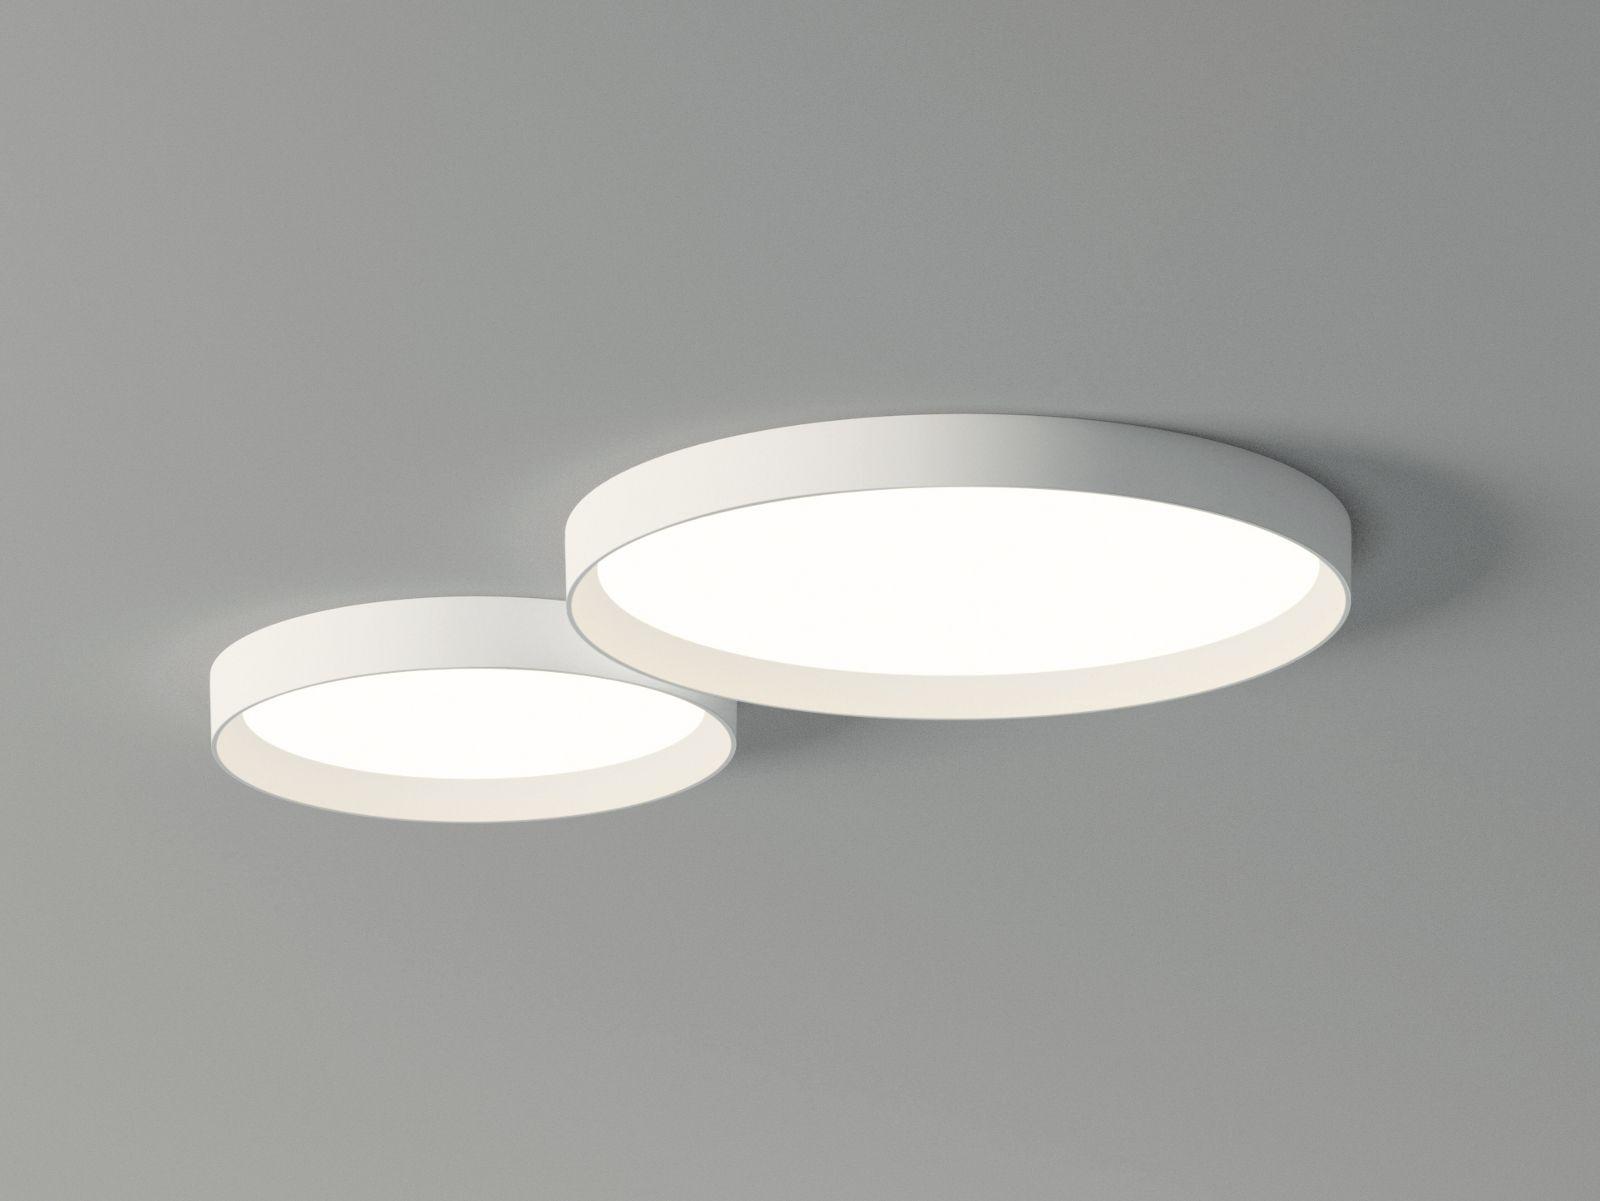 LED Deckenleuchte UP 4442 - Vibia | Lampen | Pinterest | Led ...